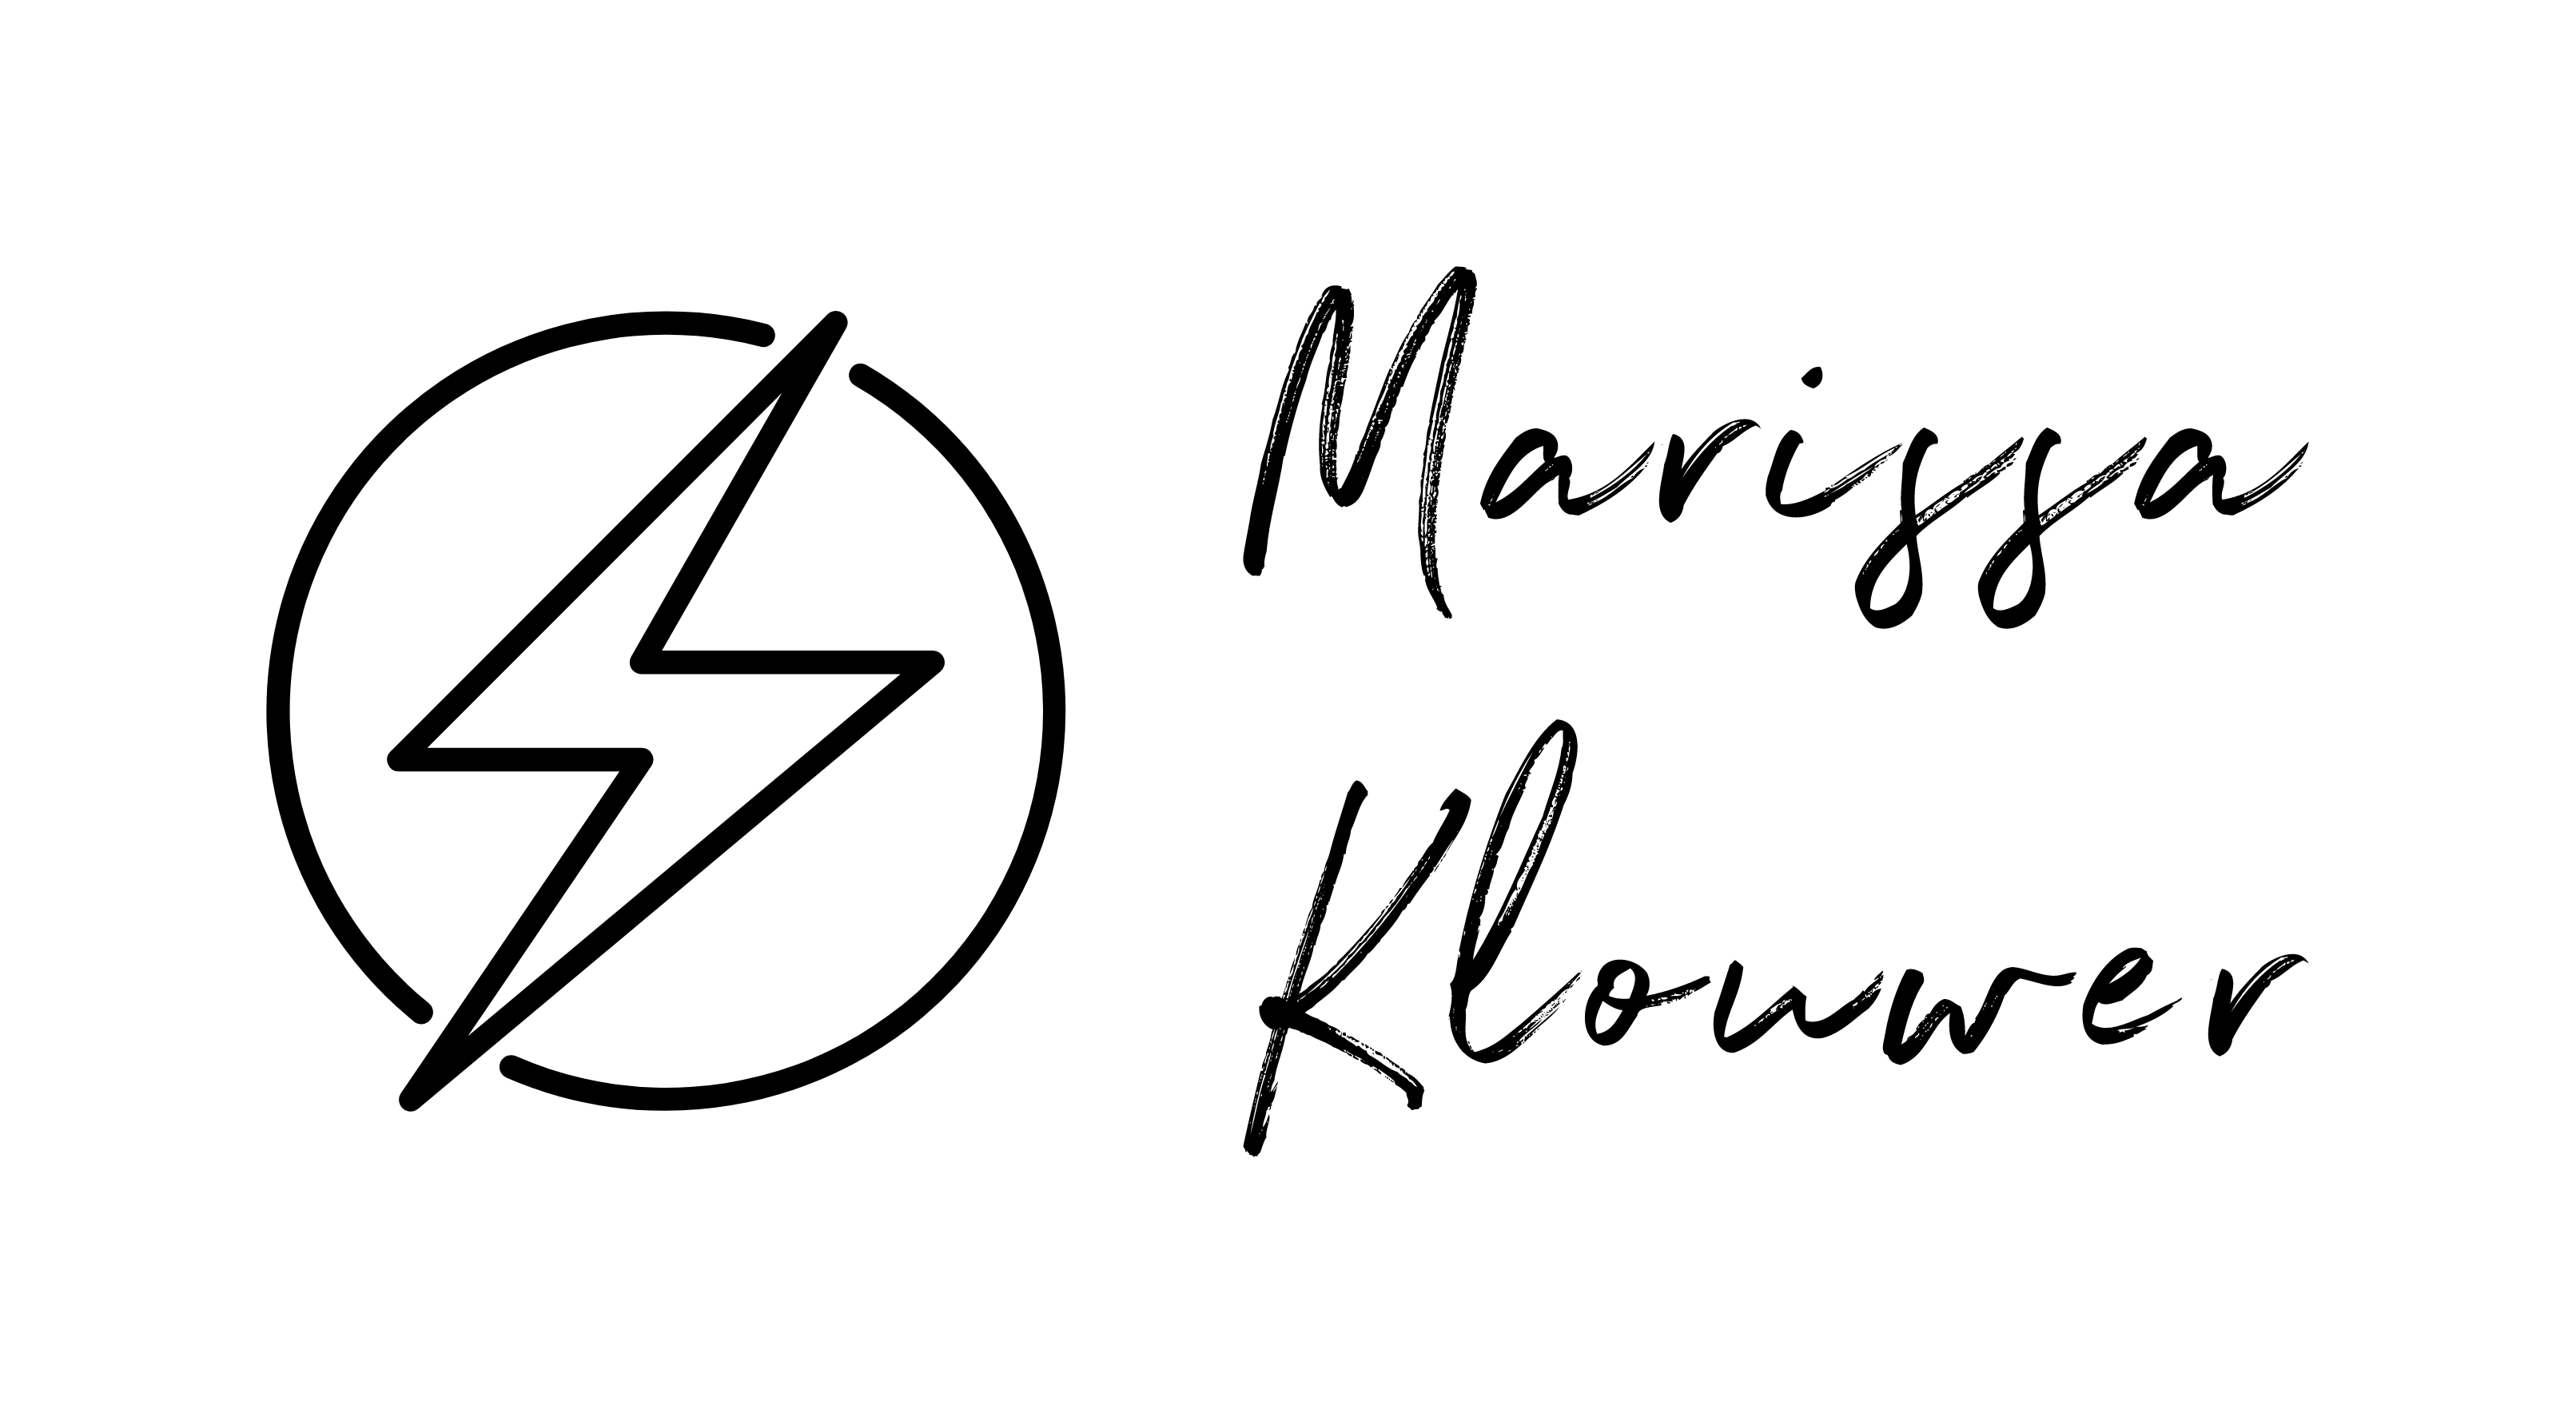 Marissa Klouwer